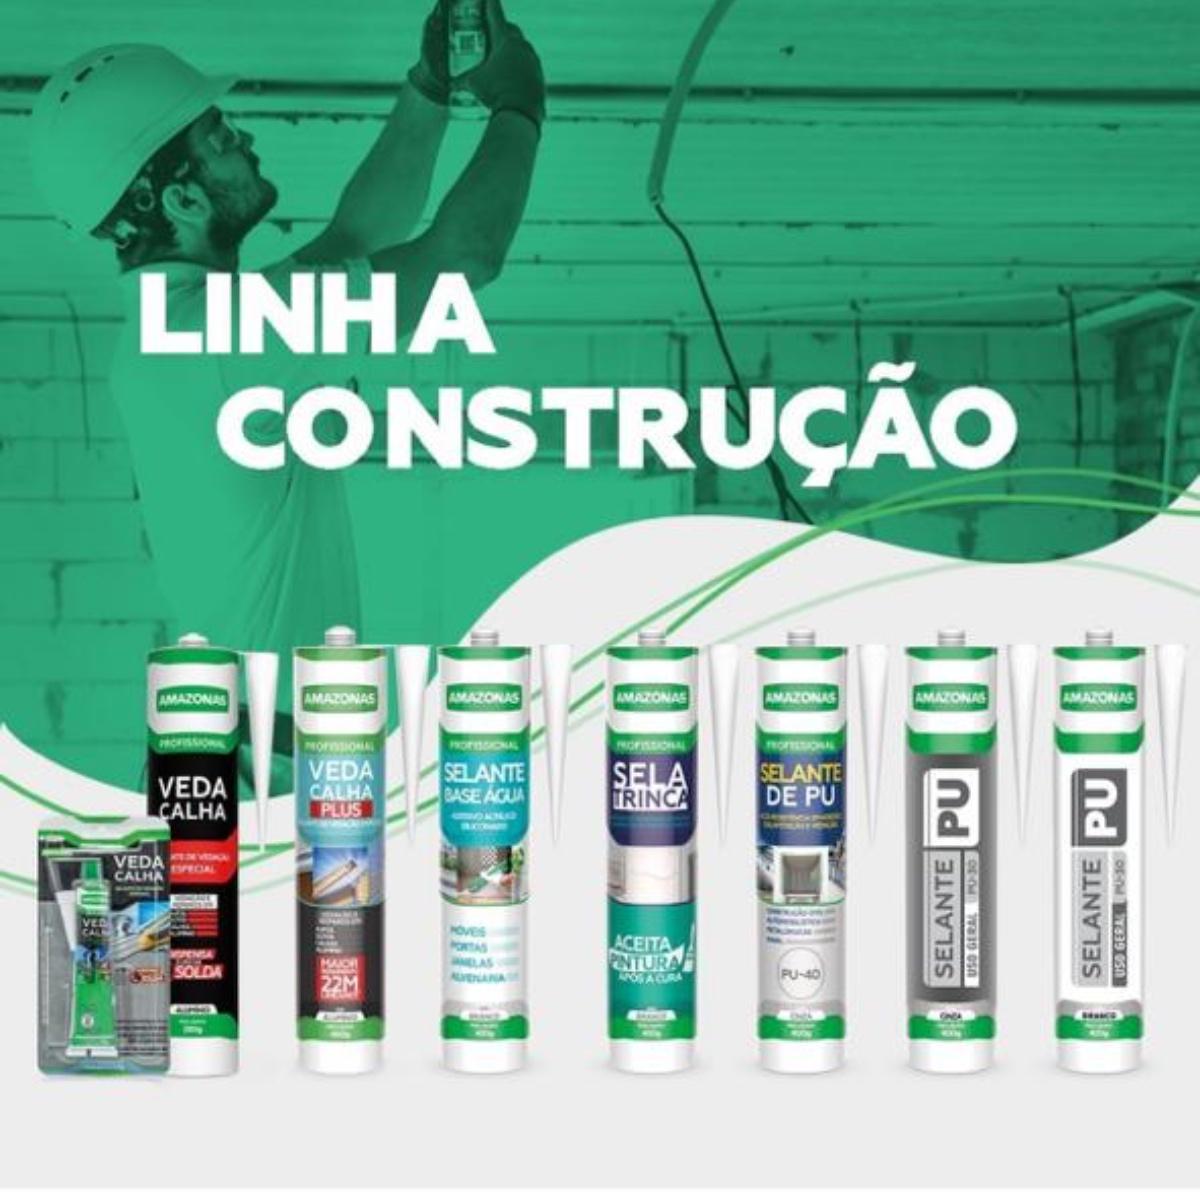 Adesivo Veda Calha Selante Vedação Amazonas 280g Kit 2 Uni